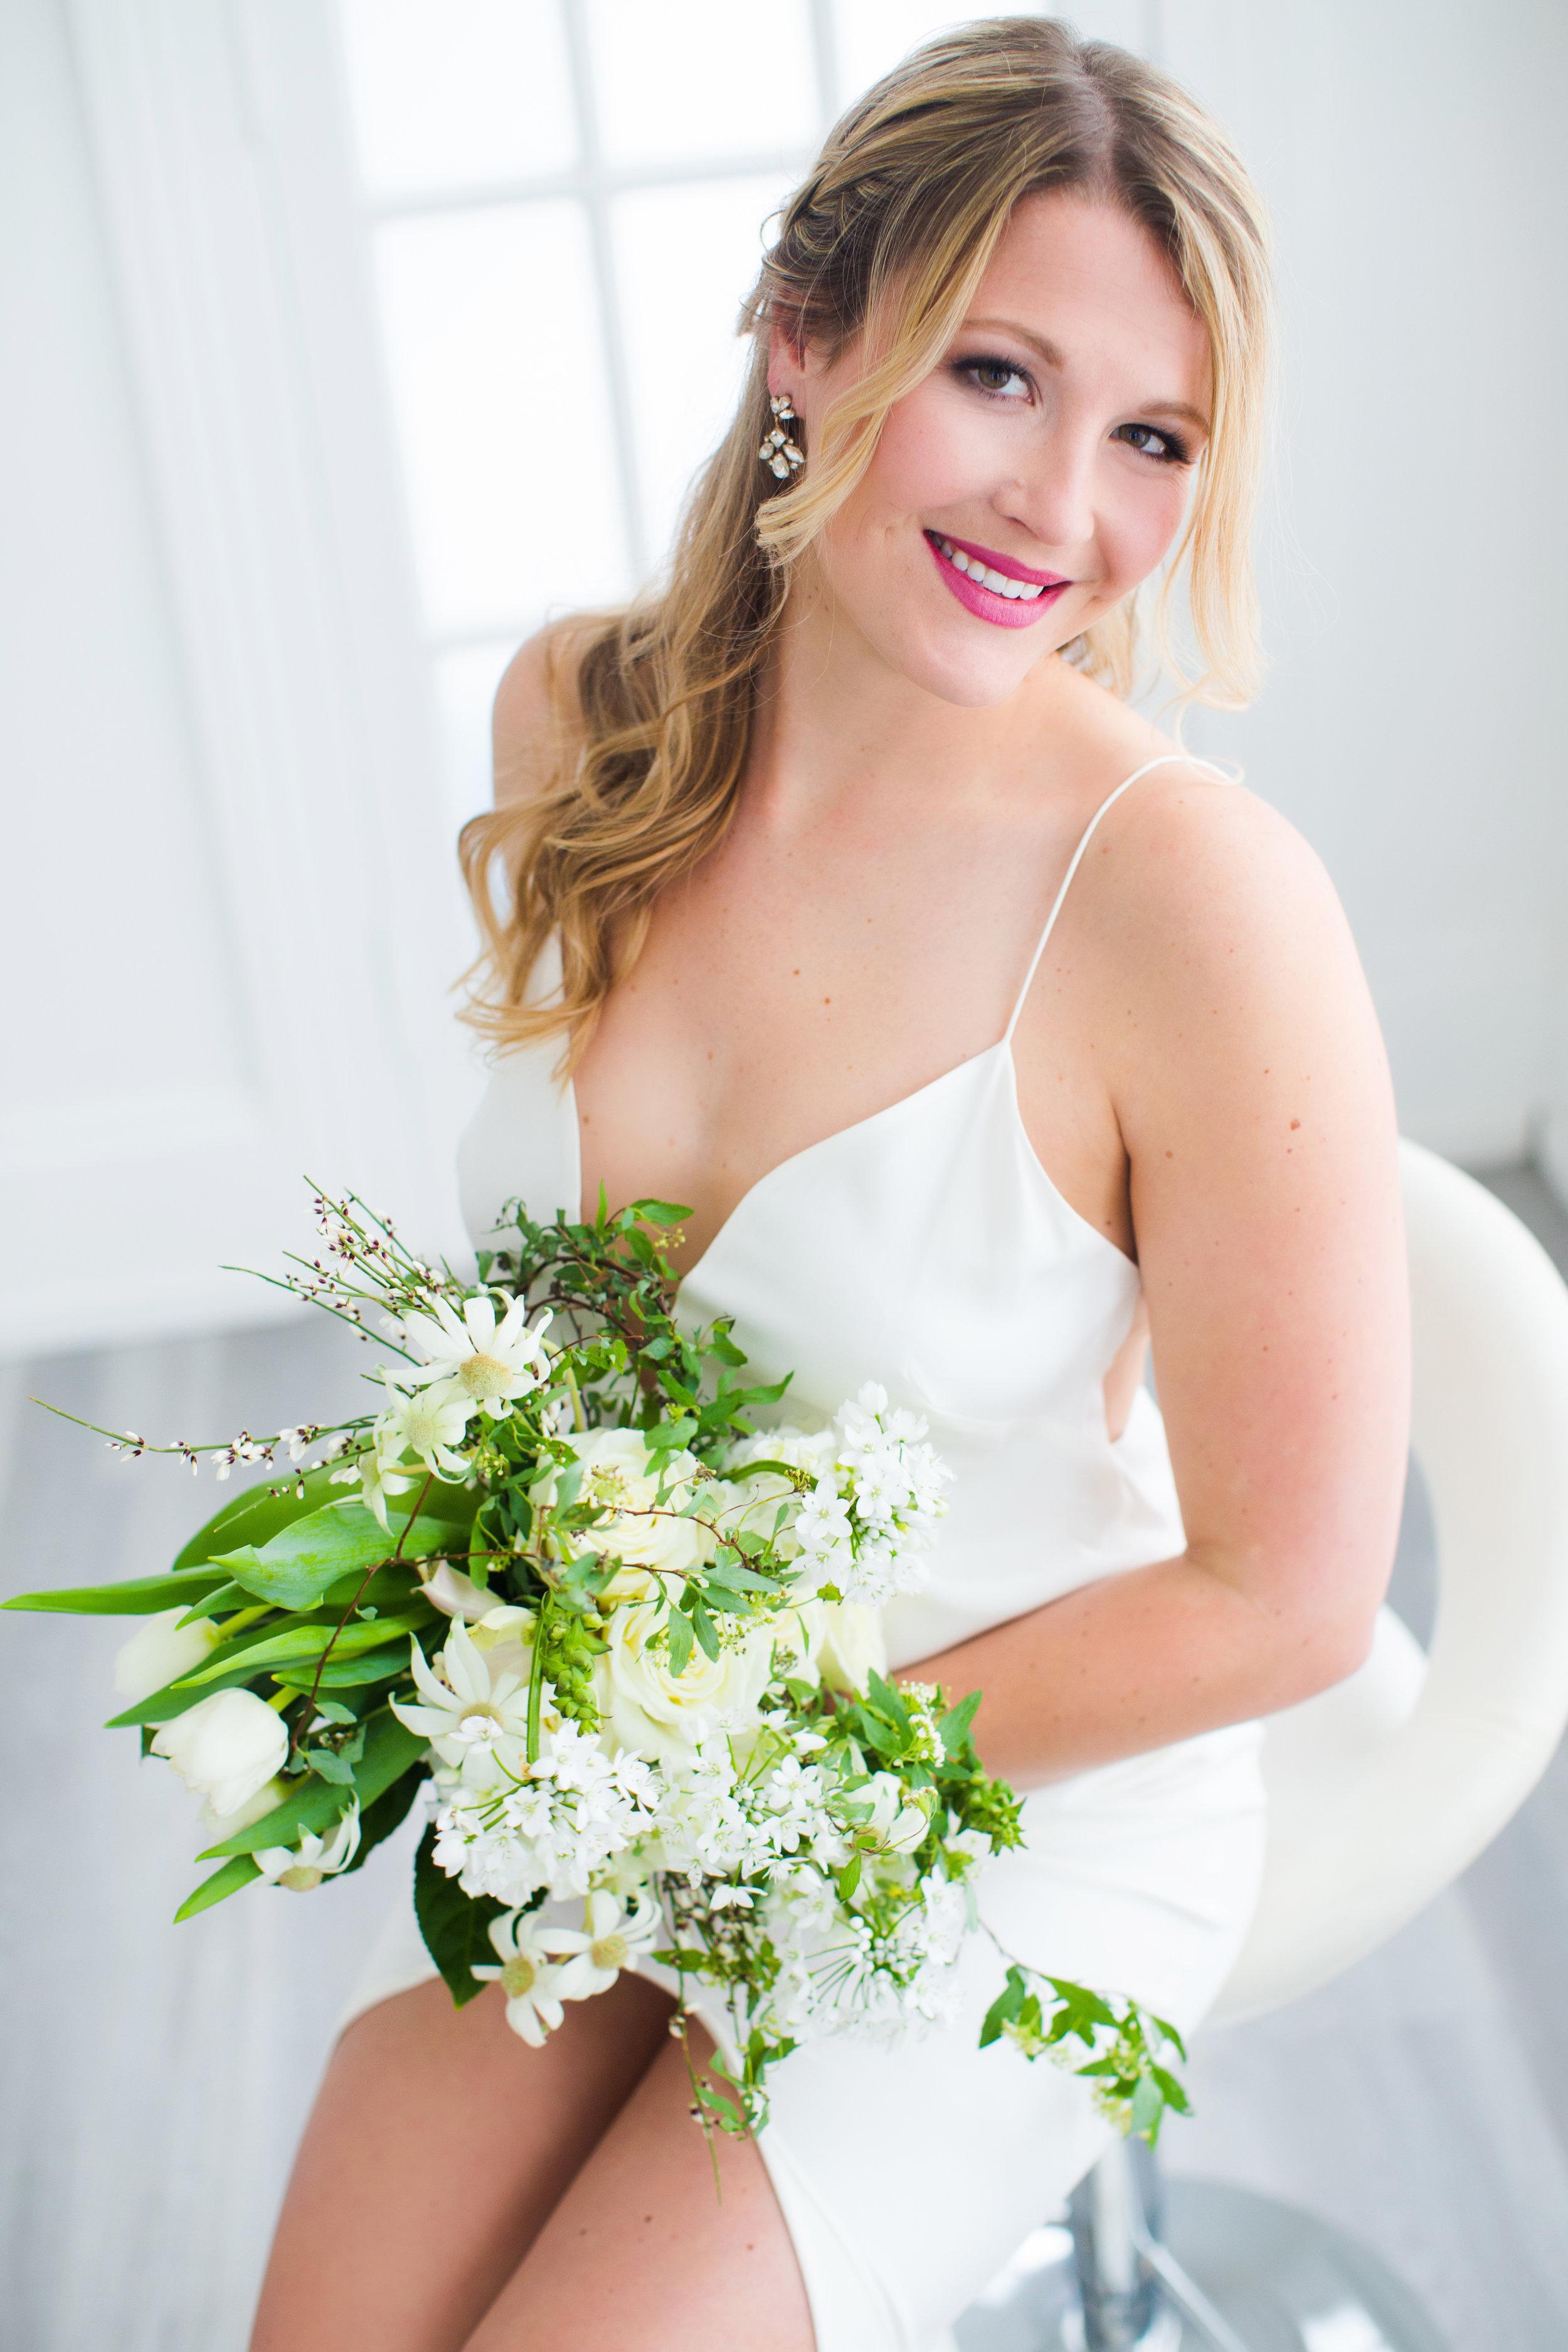 WHITE SLIP: LOVELY BRIDE